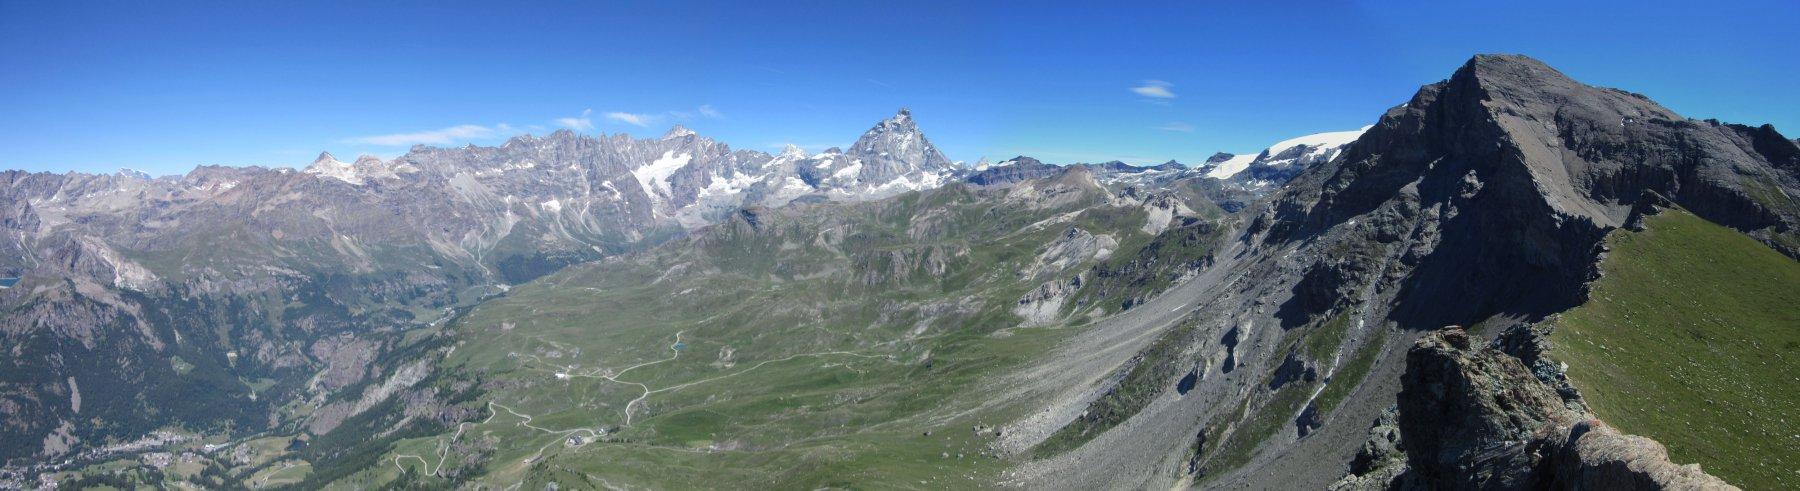 Stupendo panorama dalla cima